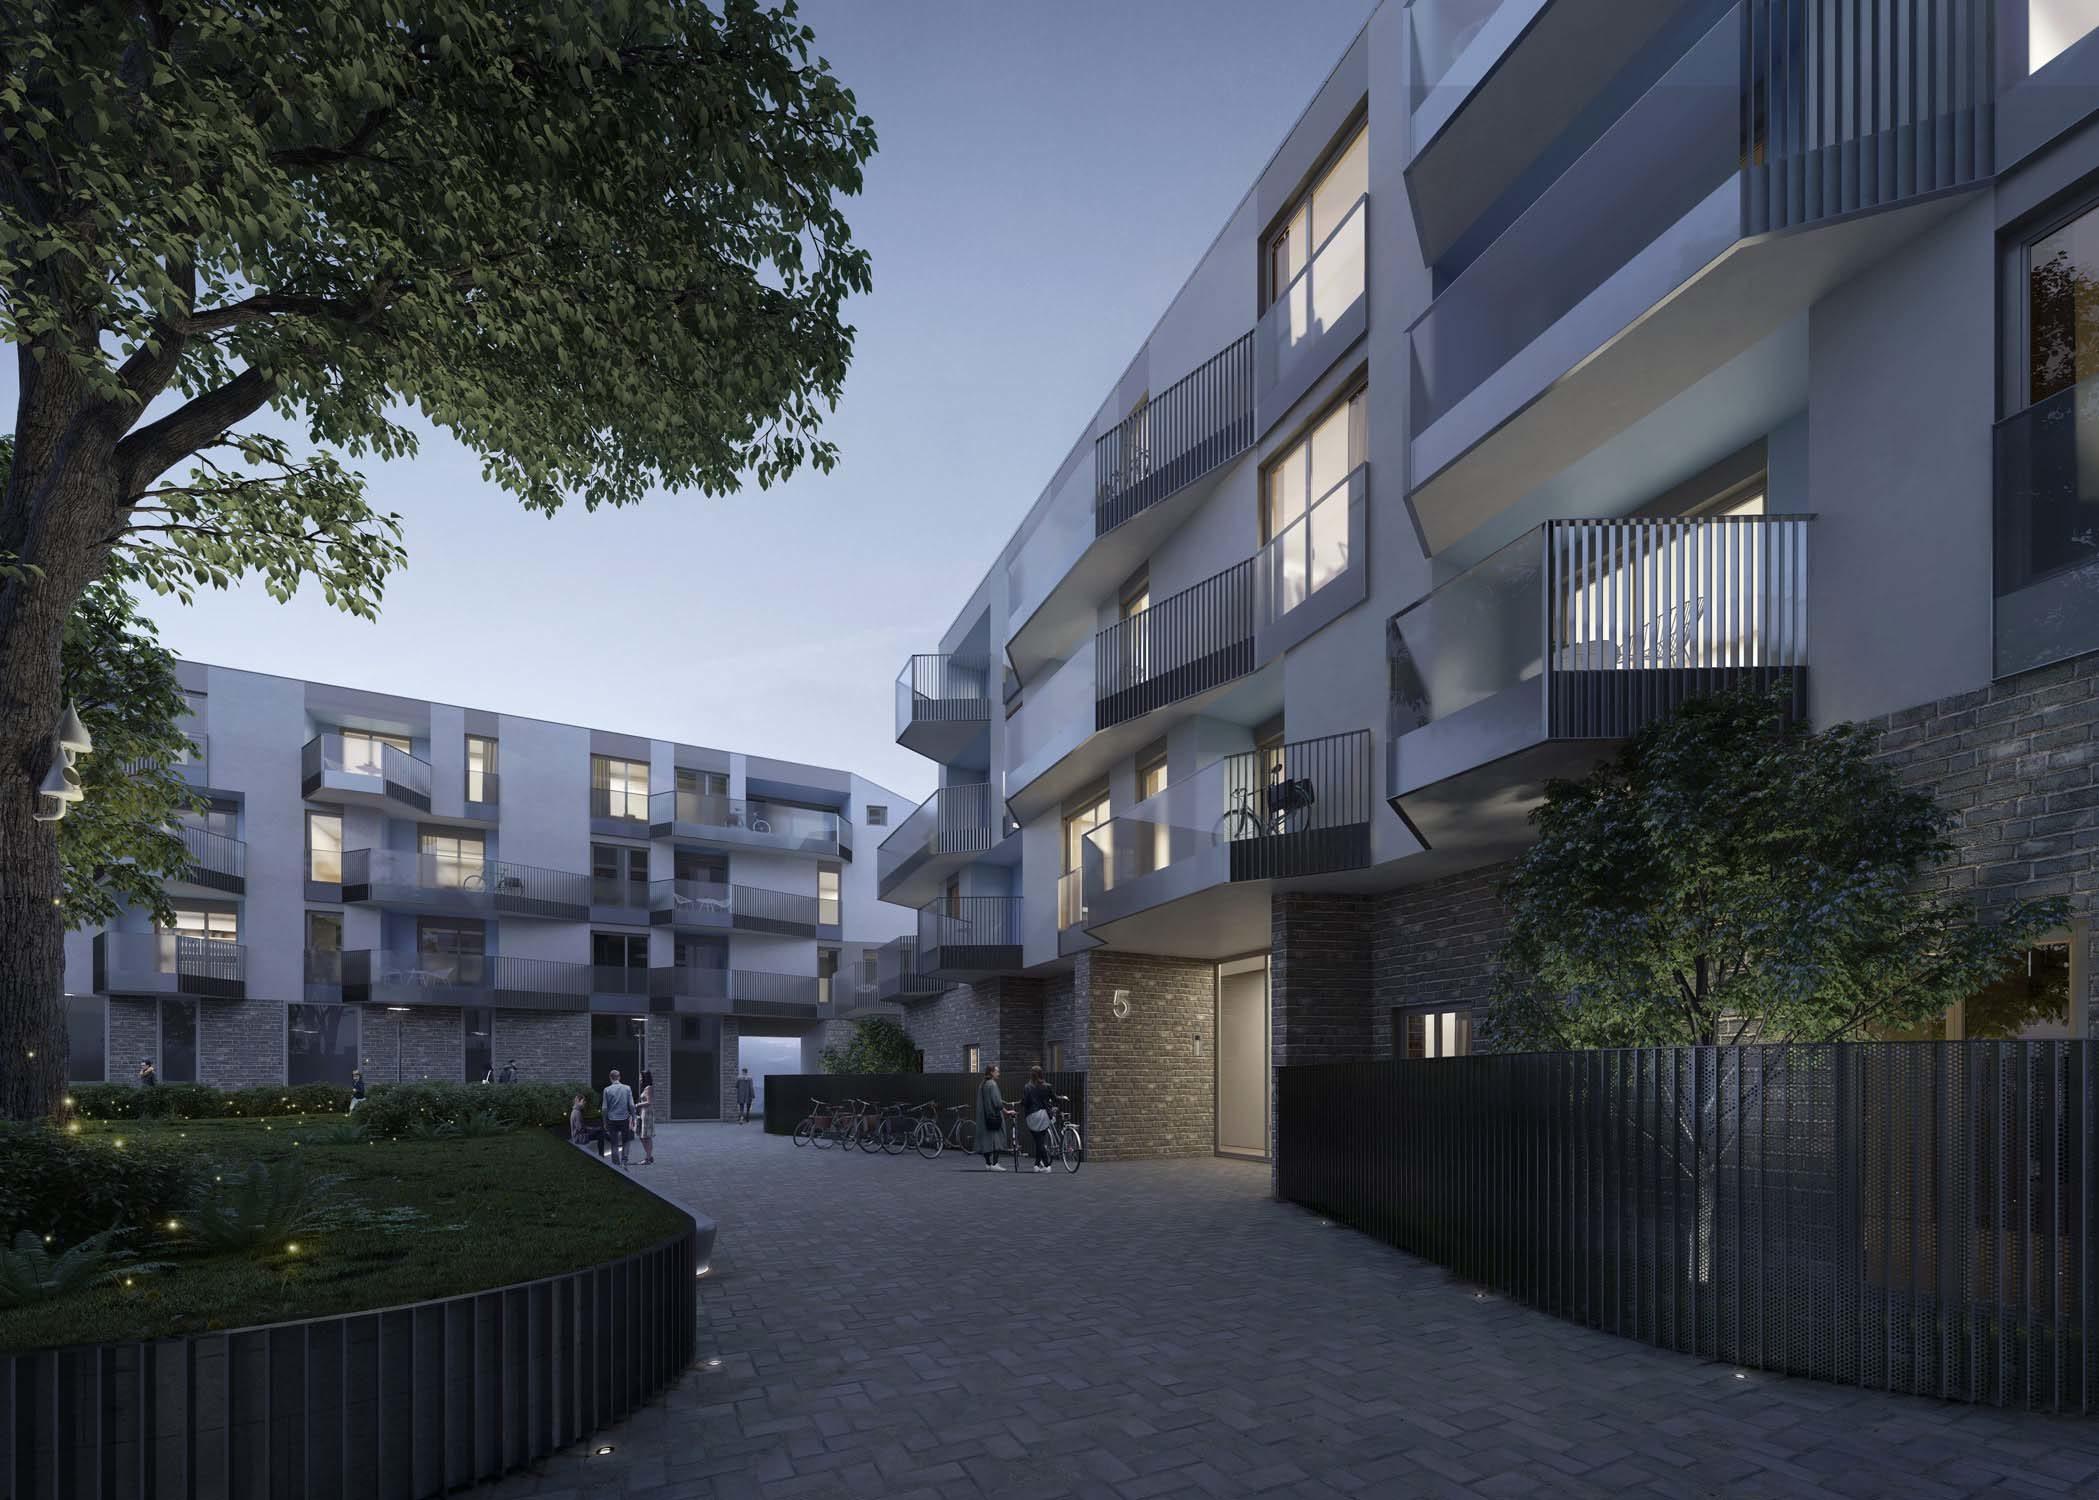 Via Valtorta Residentials in Milan – CZA Cino Zucchi Architects, 2016